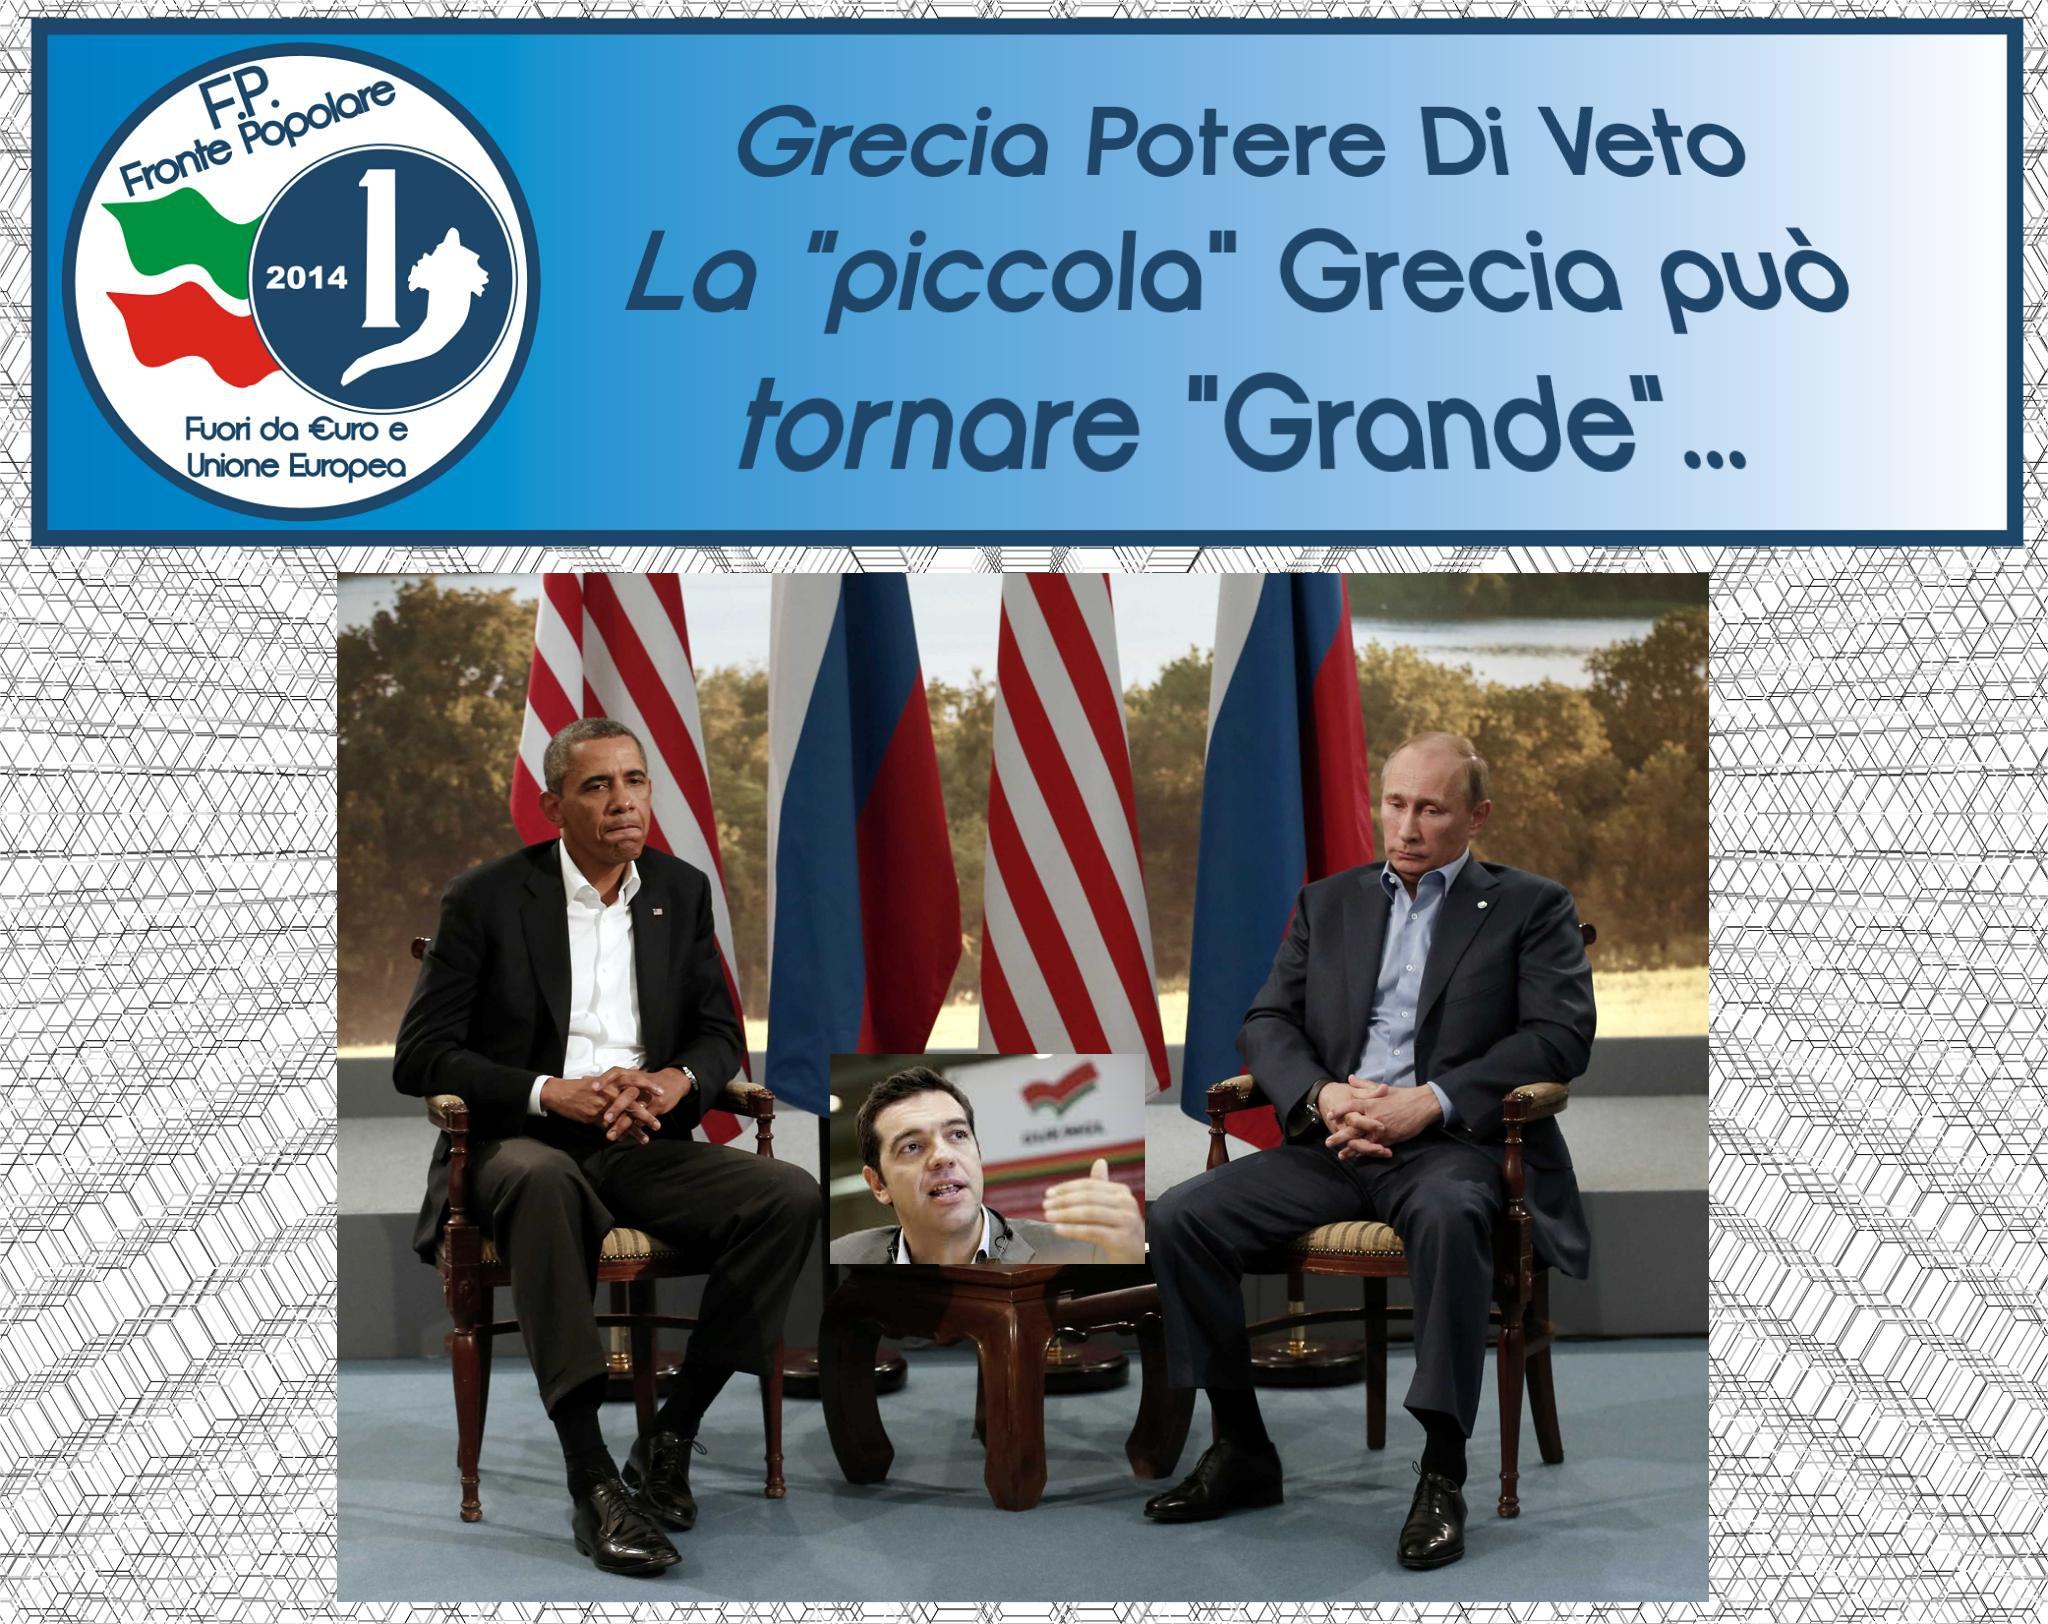 grecia e potere di veto_fronte popolare